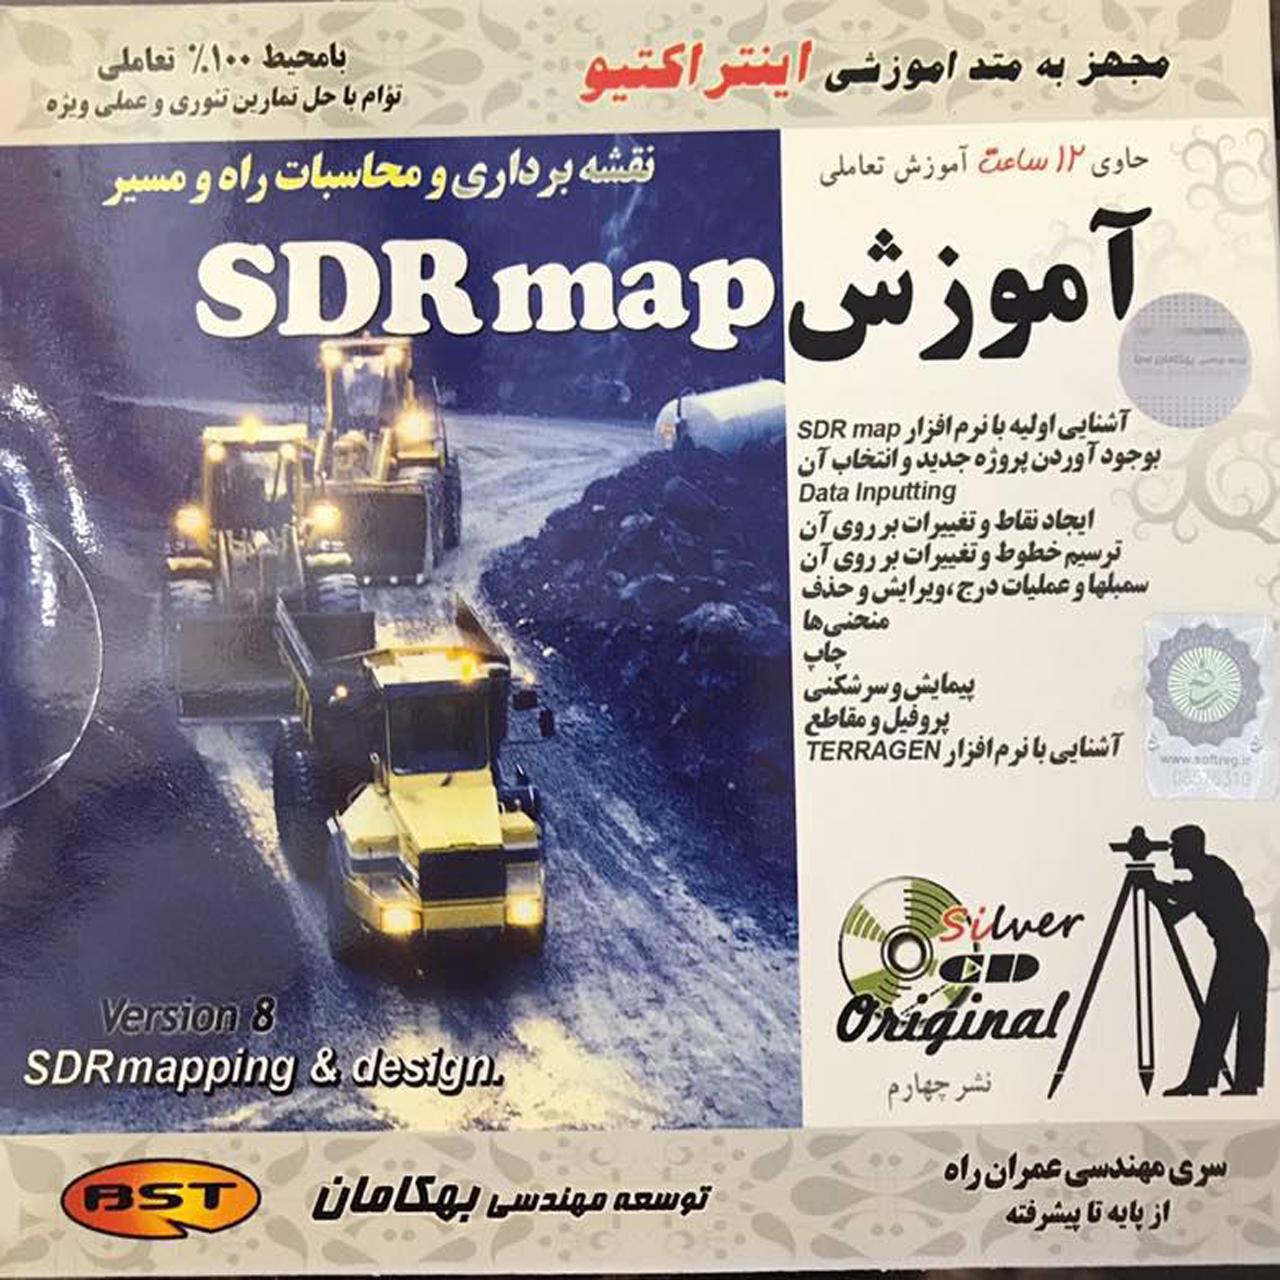 نرم افزار آموزش SDR map نقشه برداری ومحاسبات راه نشر بهکامان